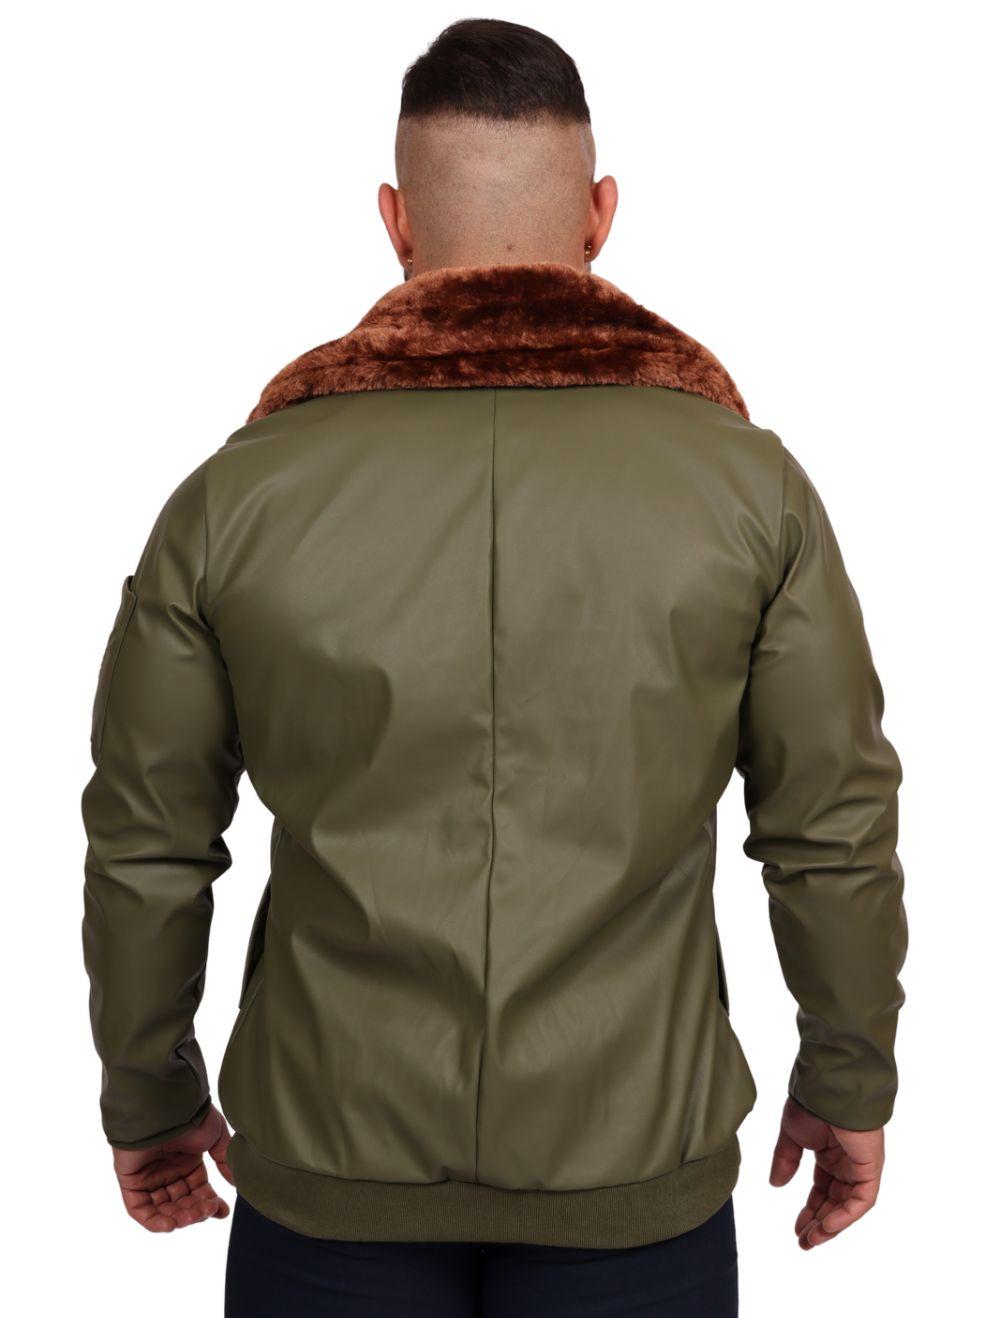 Jaqueta Masculina Aviador Courino Verde Militar Gola Pele